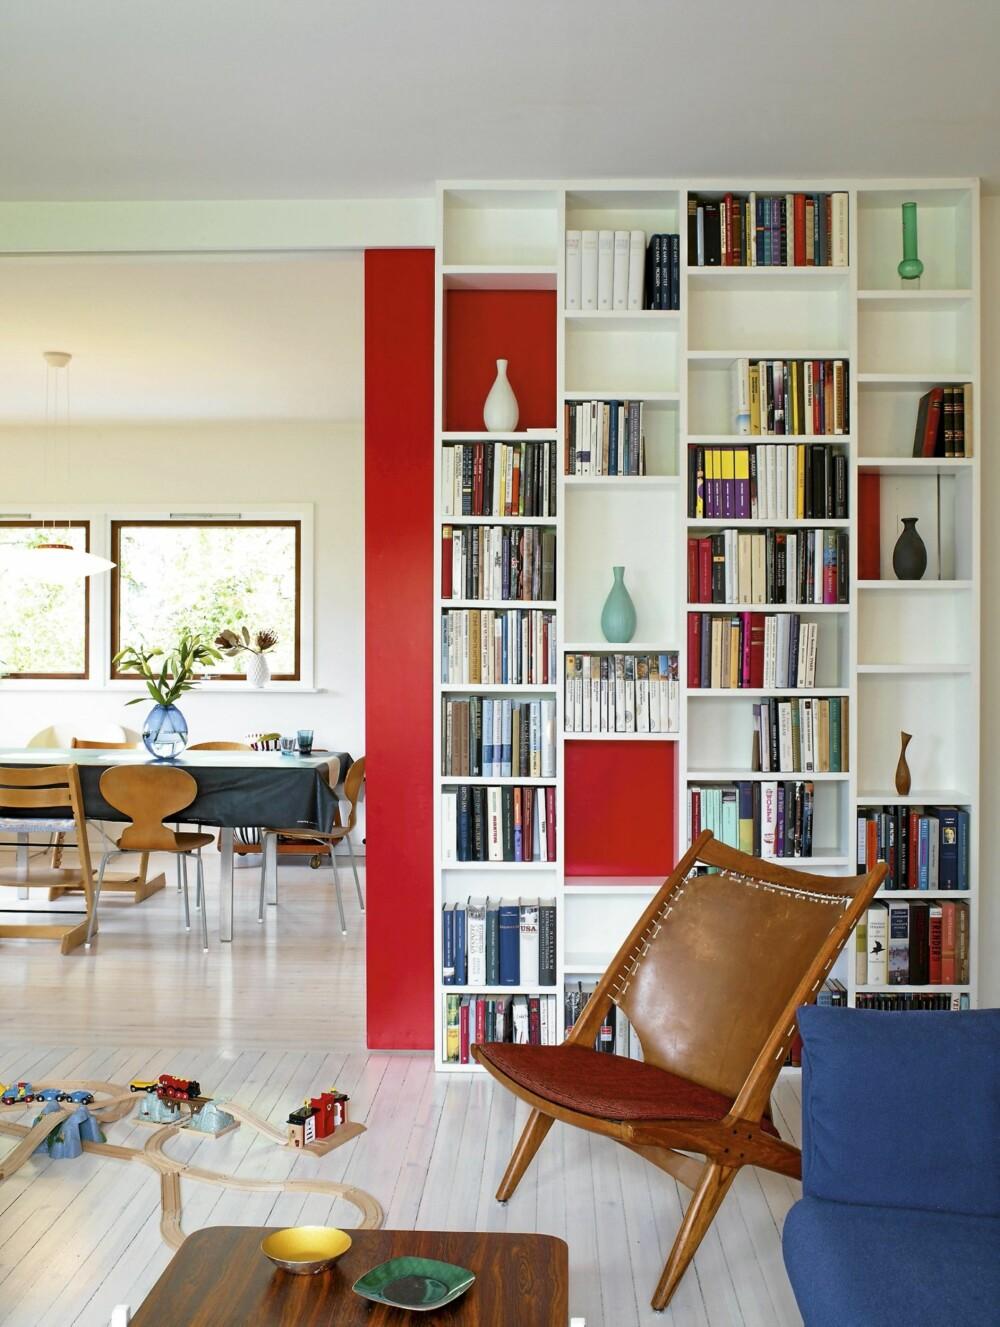 RØD BAKPLATE: Den røde skyvedøren er både fleksibel og dekorativ.